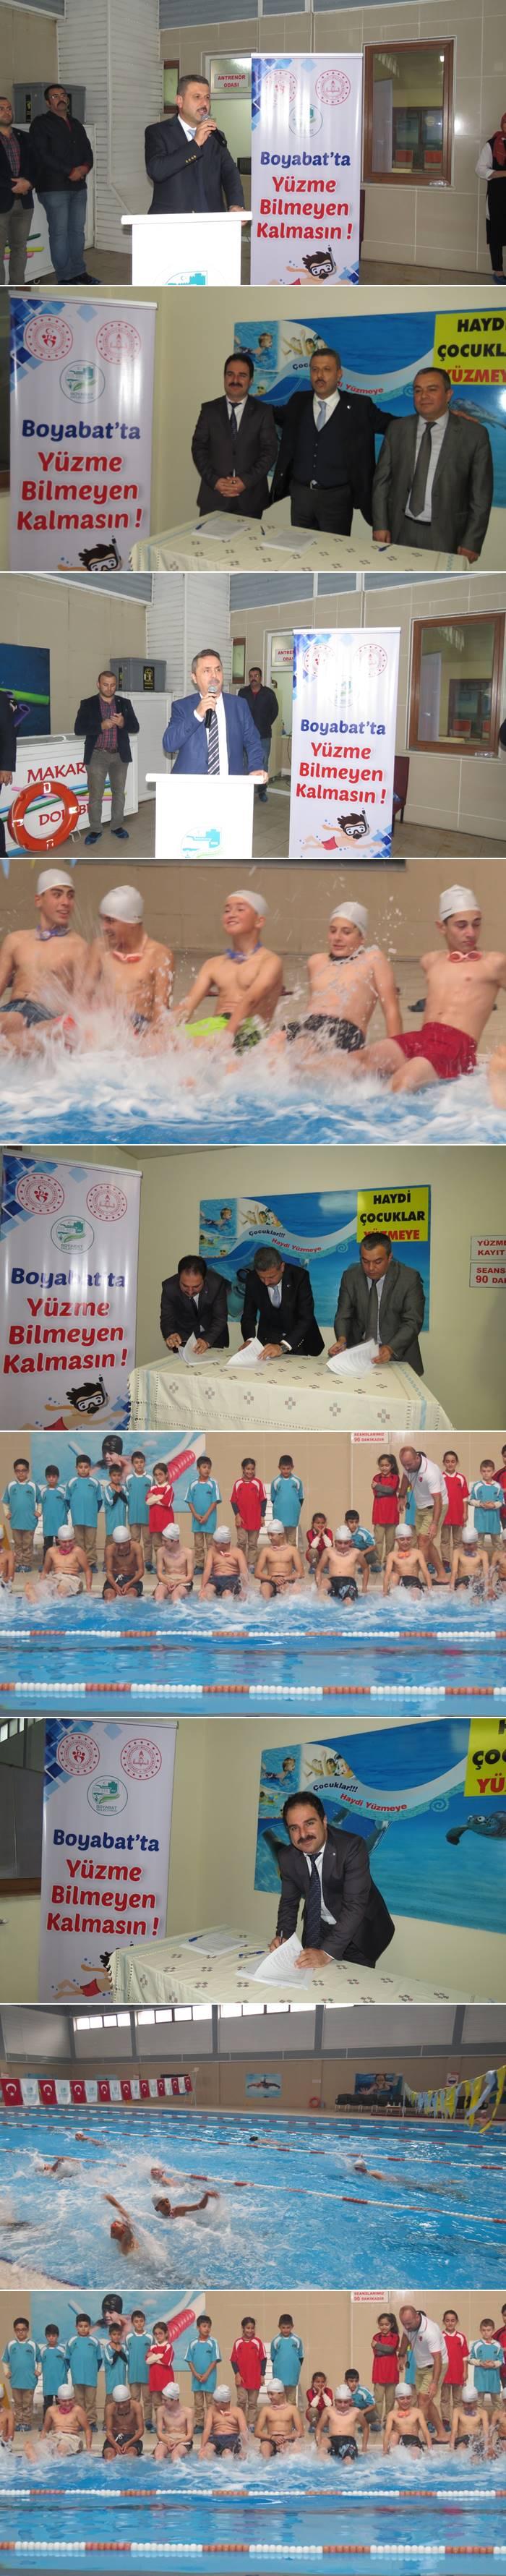 """Cumhurbaşkanlığı 2.Yüz günlük İcraat programı çerçevesinde Gençlik ve Spor Bakanlığı ve Milli Eğitim Bakanlığı ile hayata geçirilen """"Boyabat'ta Yüzme Bilmeyen Kalmasın"""" bugün saat: 14.00'de törenle imzalandı."""